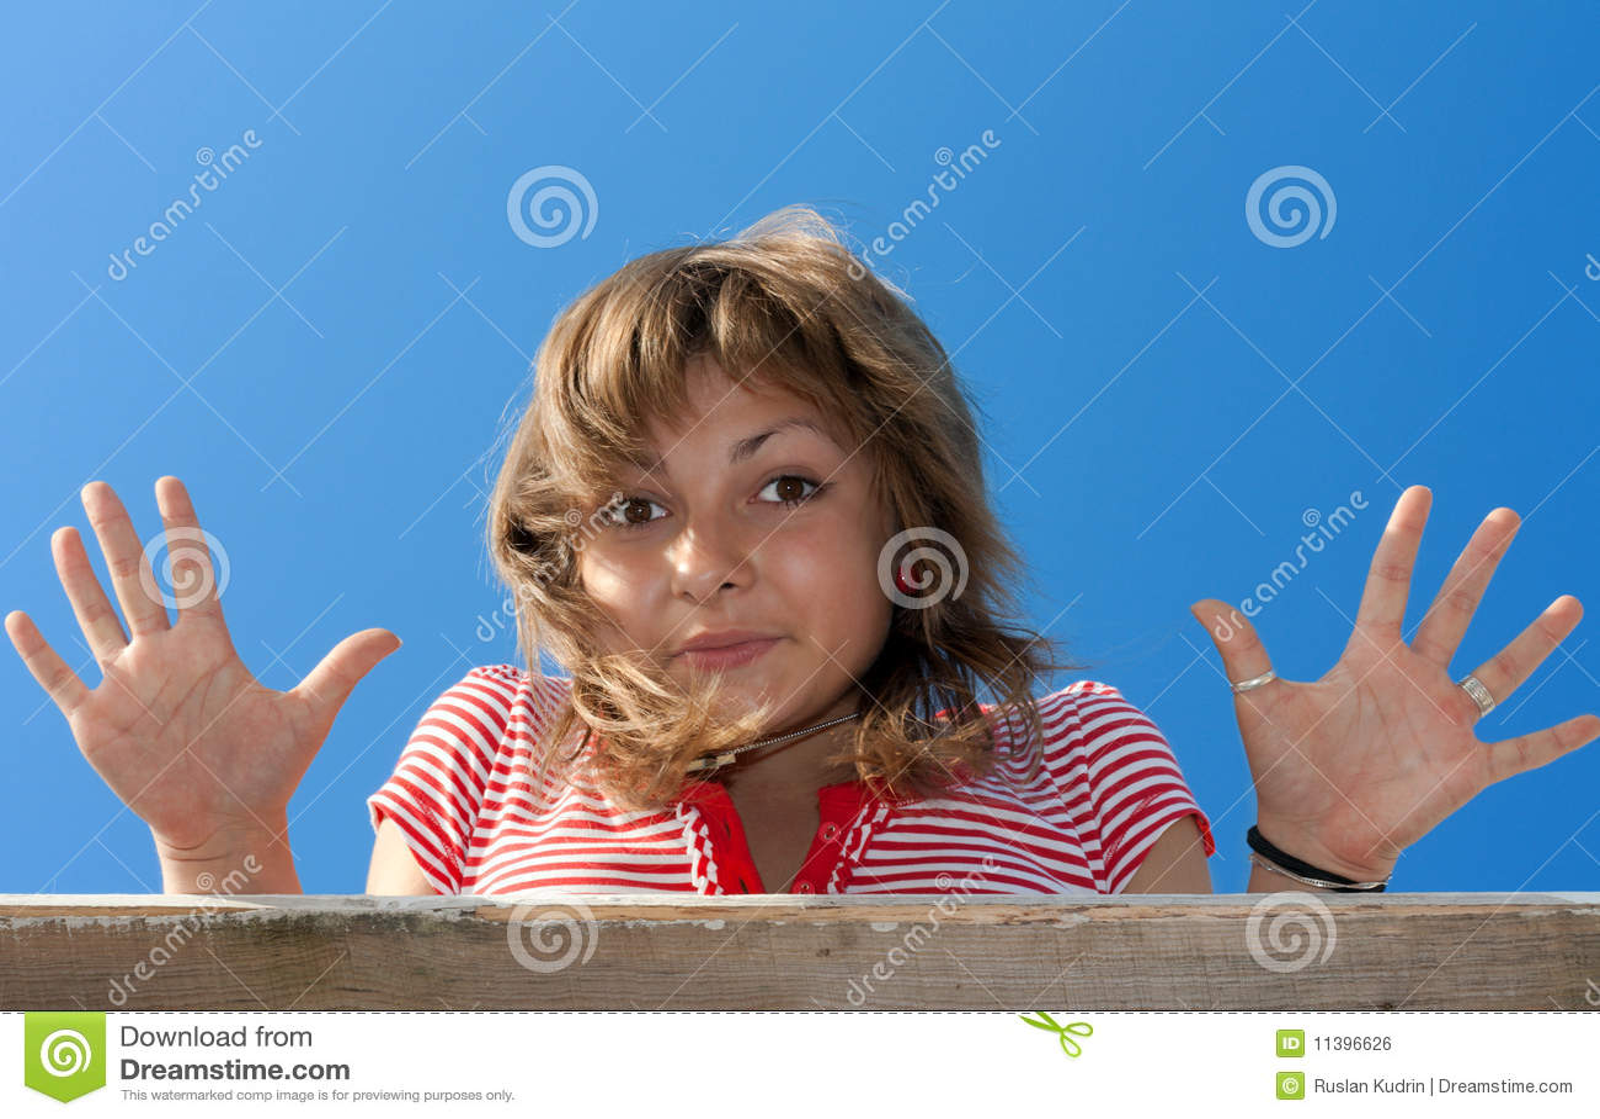 Девка показывает рабочее очко фото 322-669